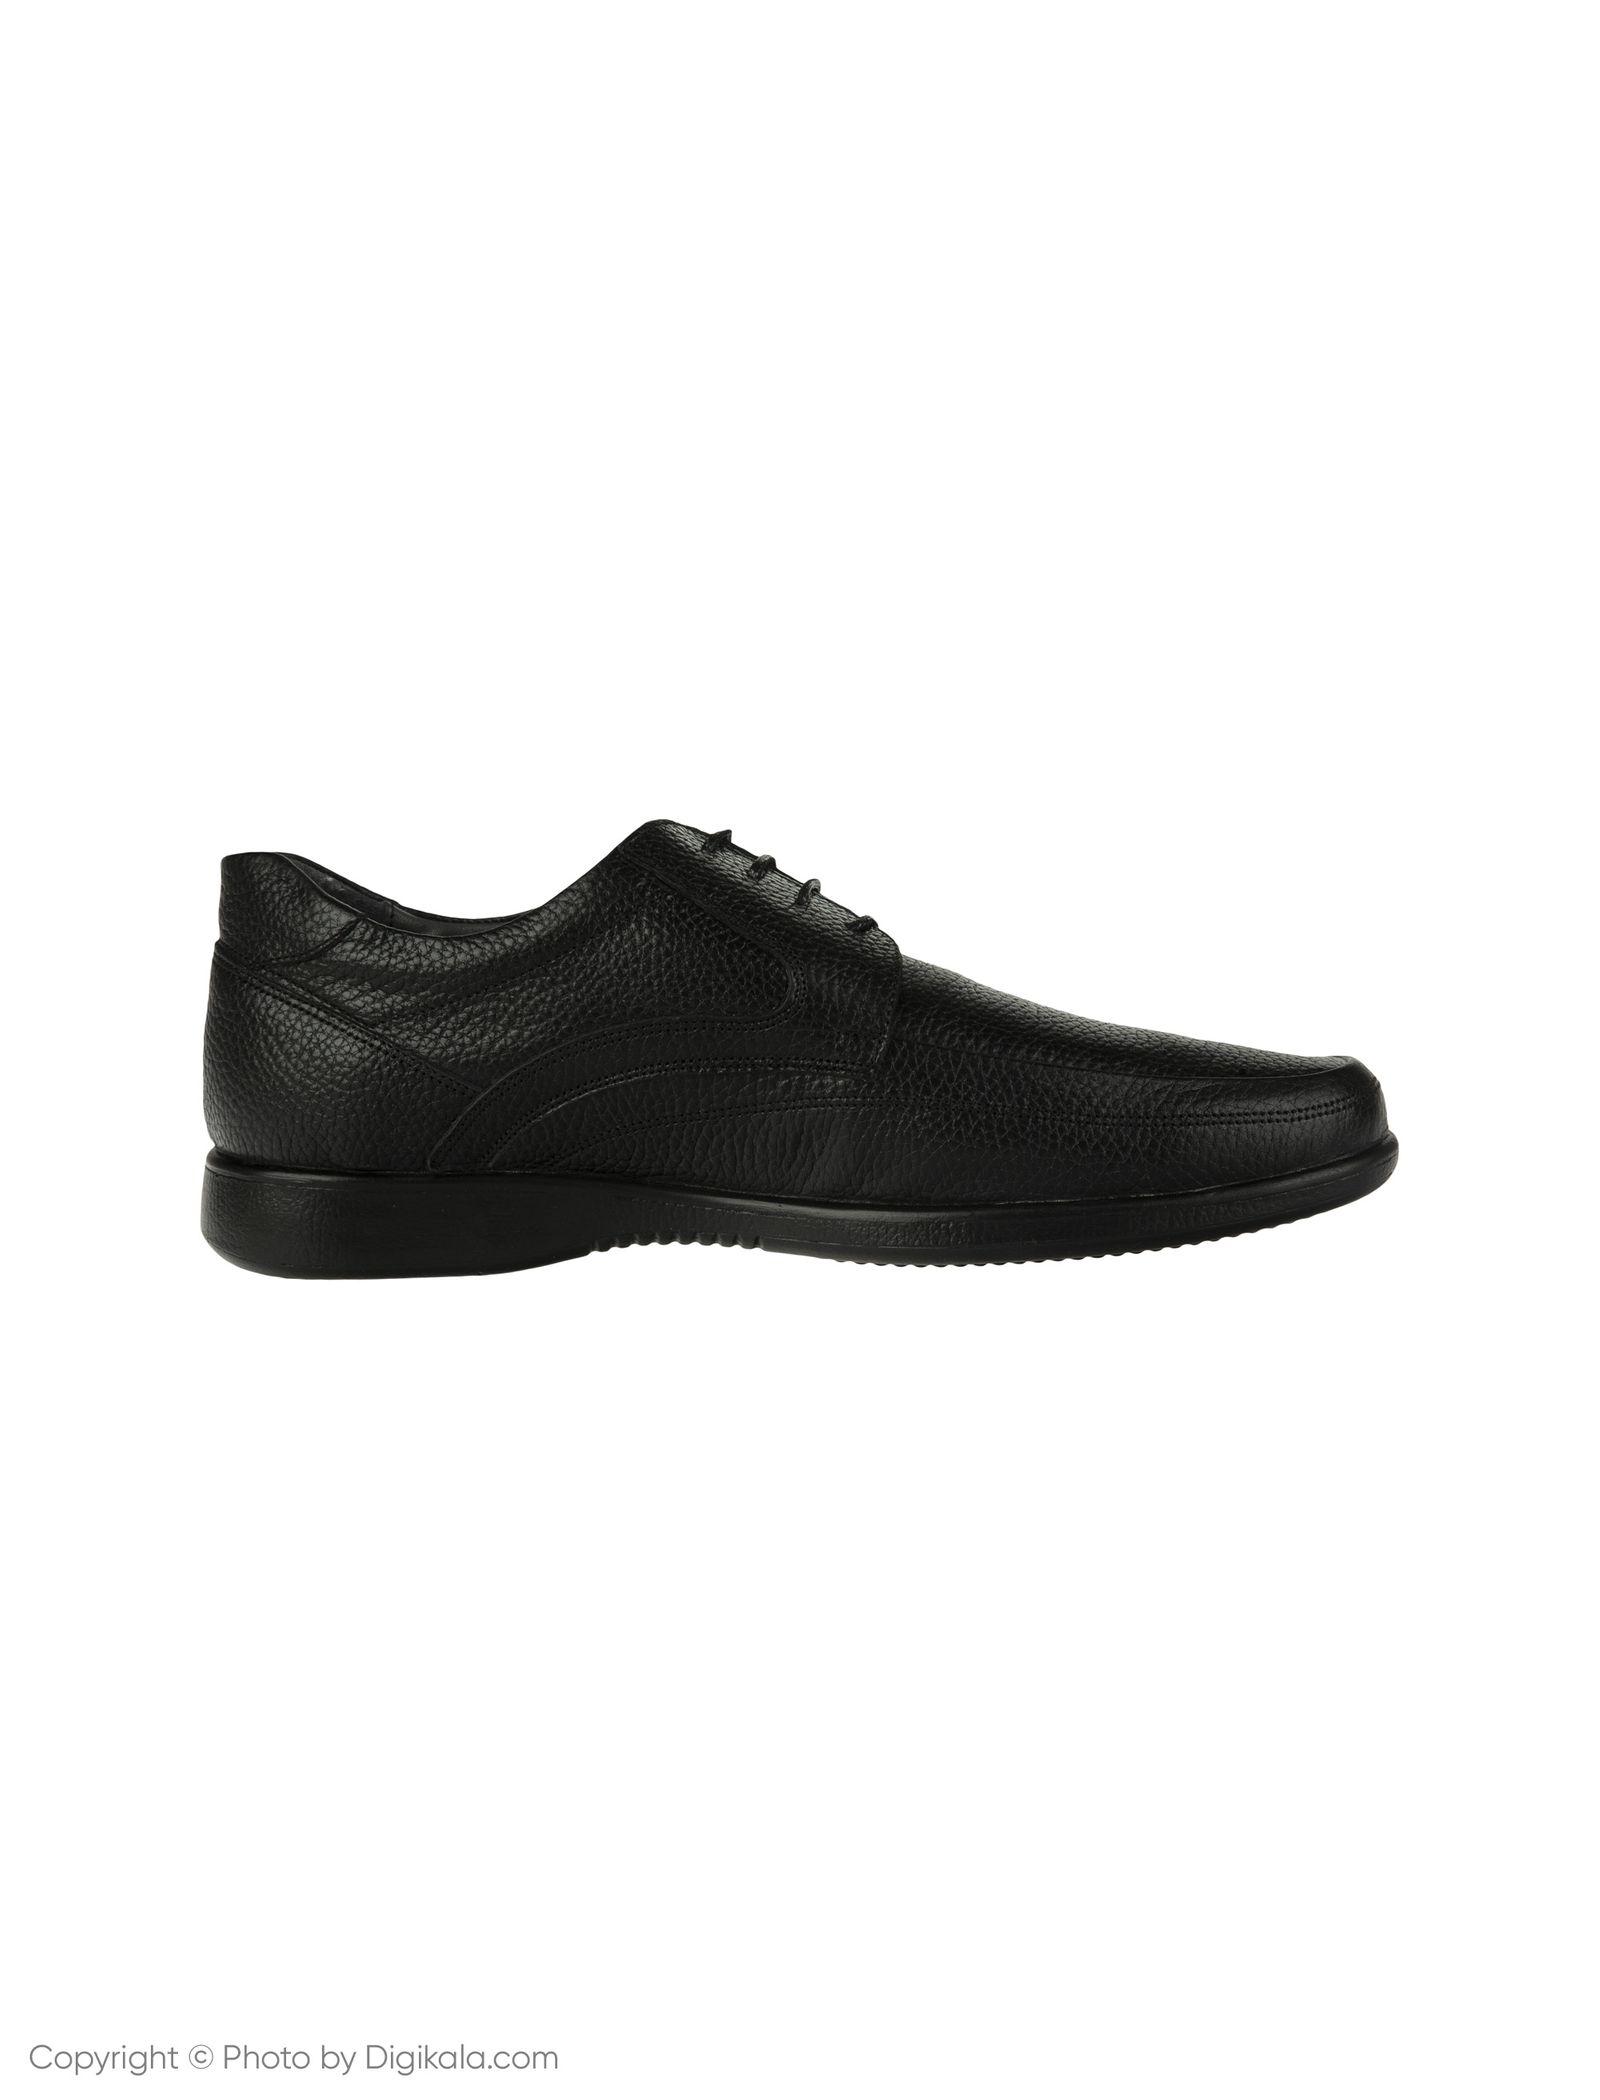 کفش مردانه ساتین مدل SN7193B-101 -  - 2